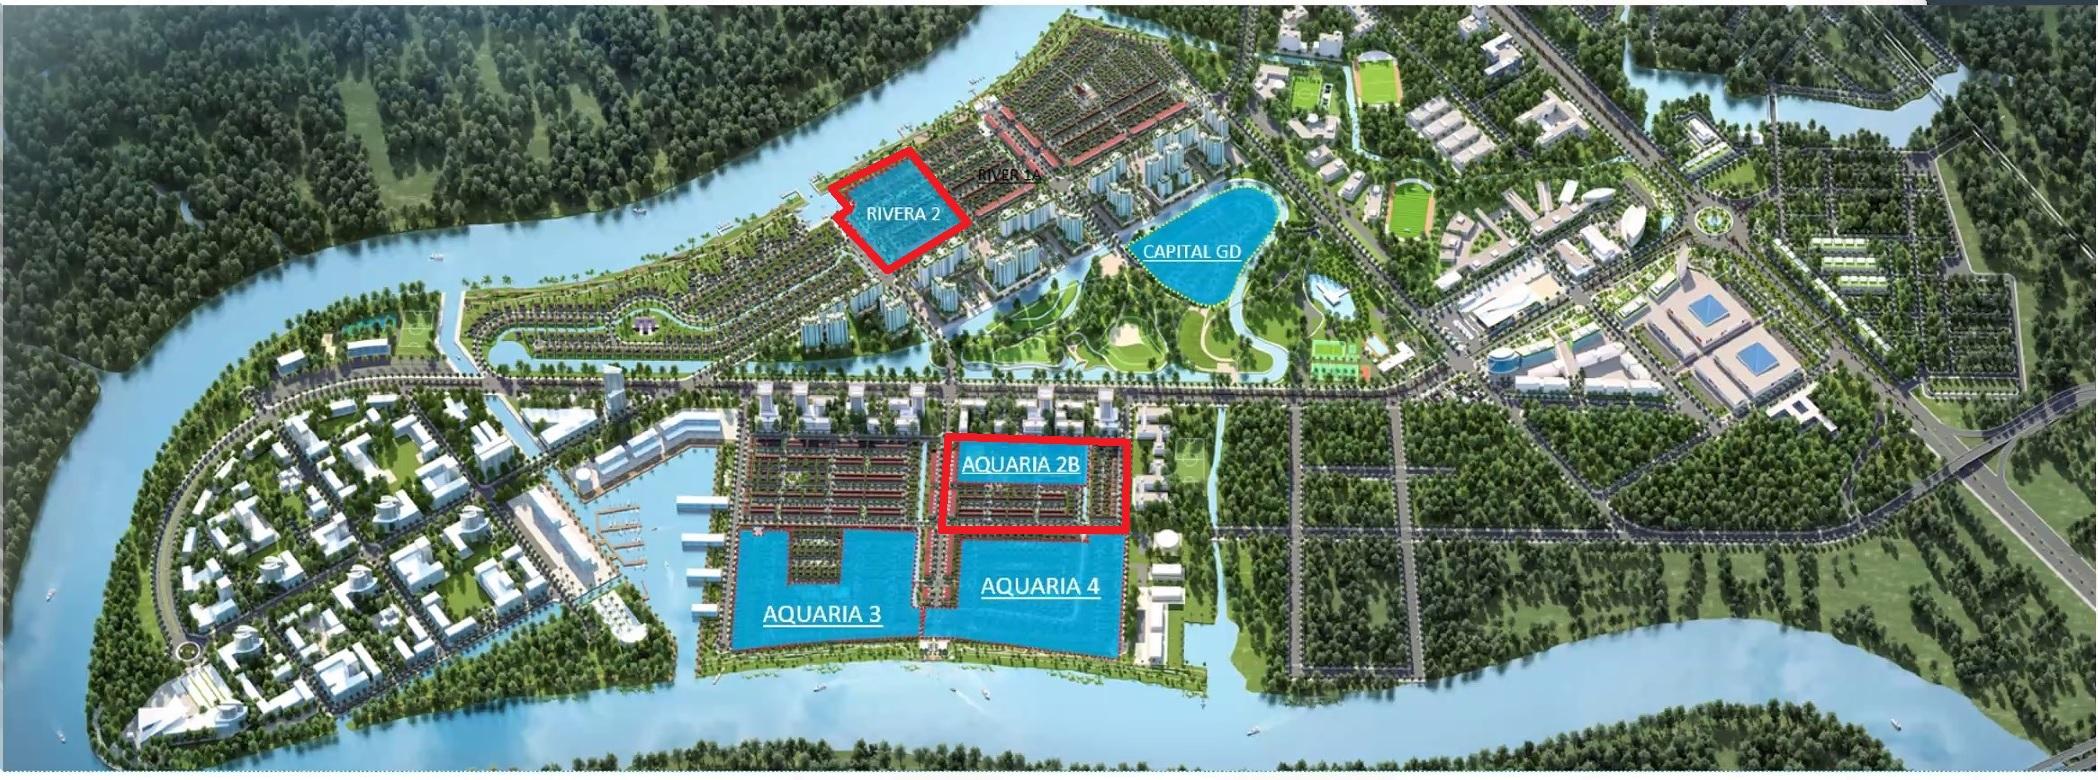 Rivera 2 & Aquaria 2B, Hai phân khu mở bán giai đoạn 2